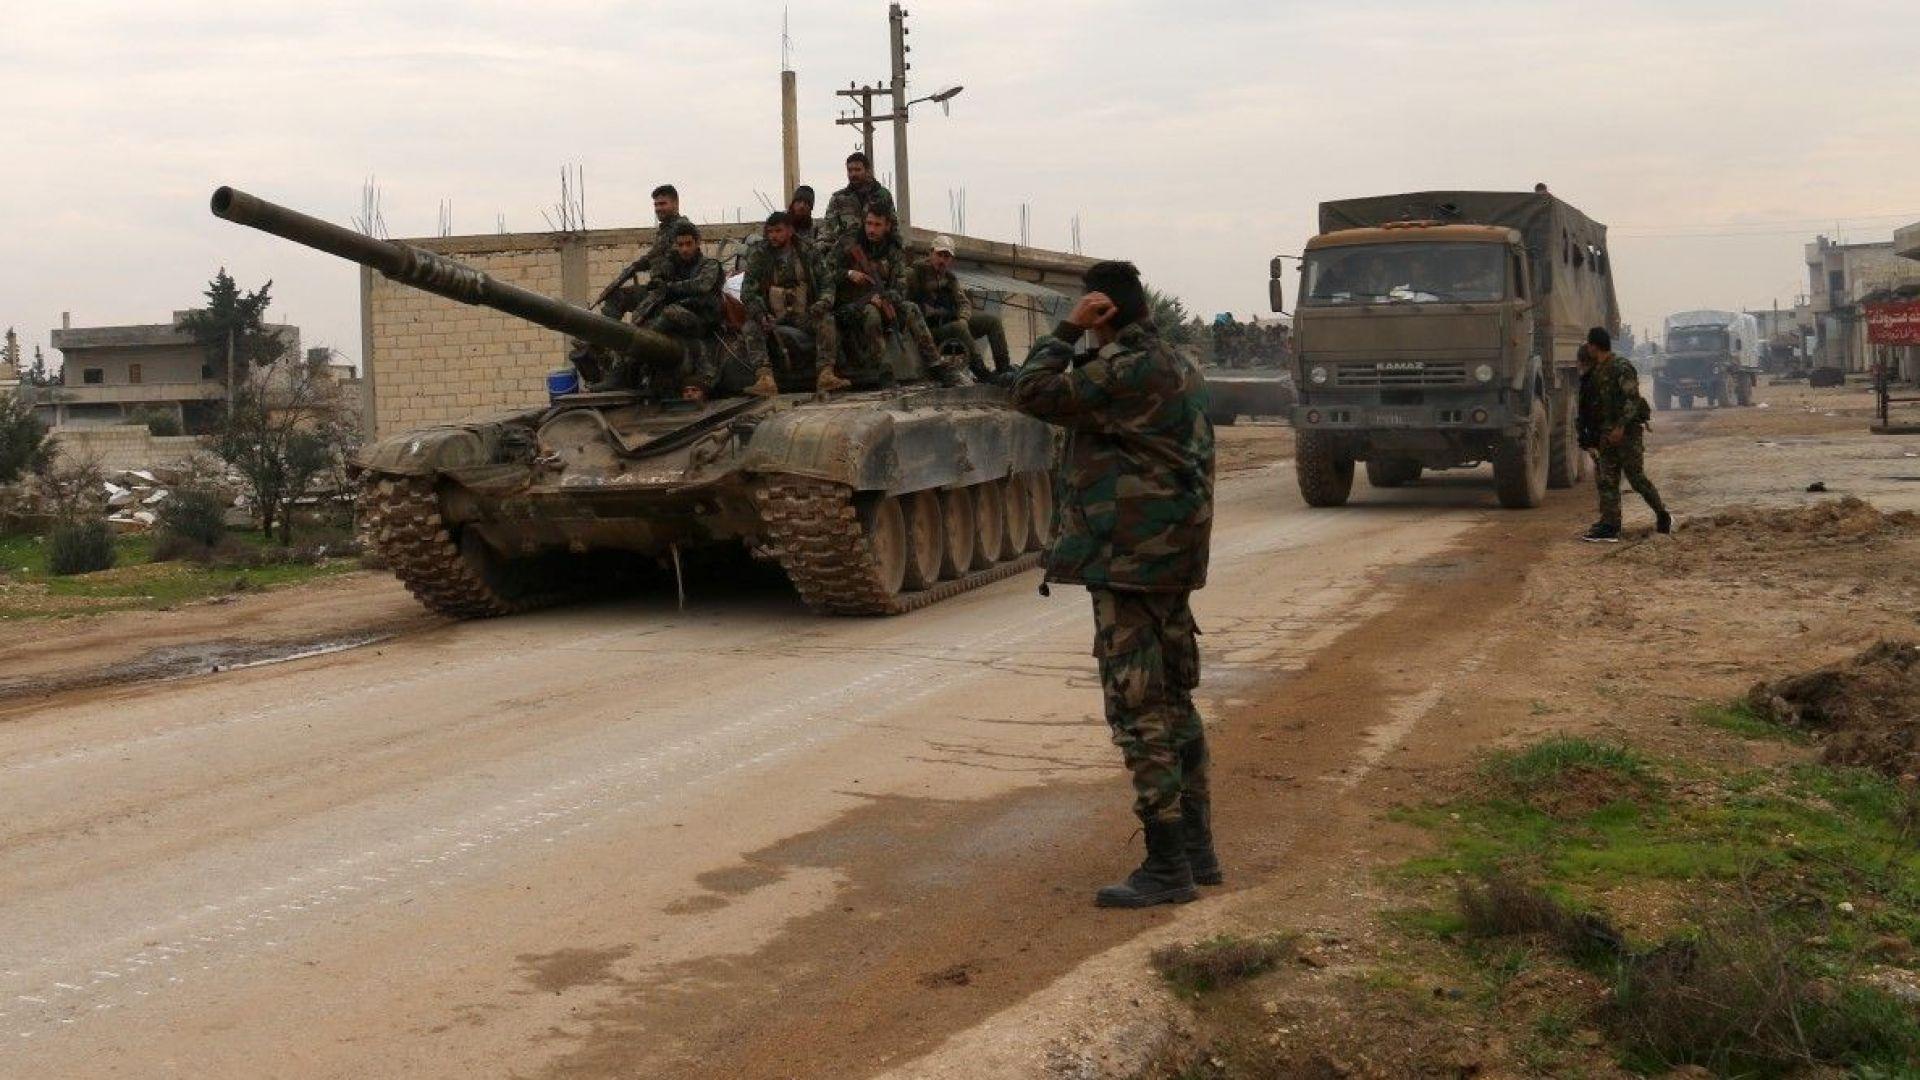 Сирийската армия завзе ключов град в Идлиб, но може да се изправи срещу турската